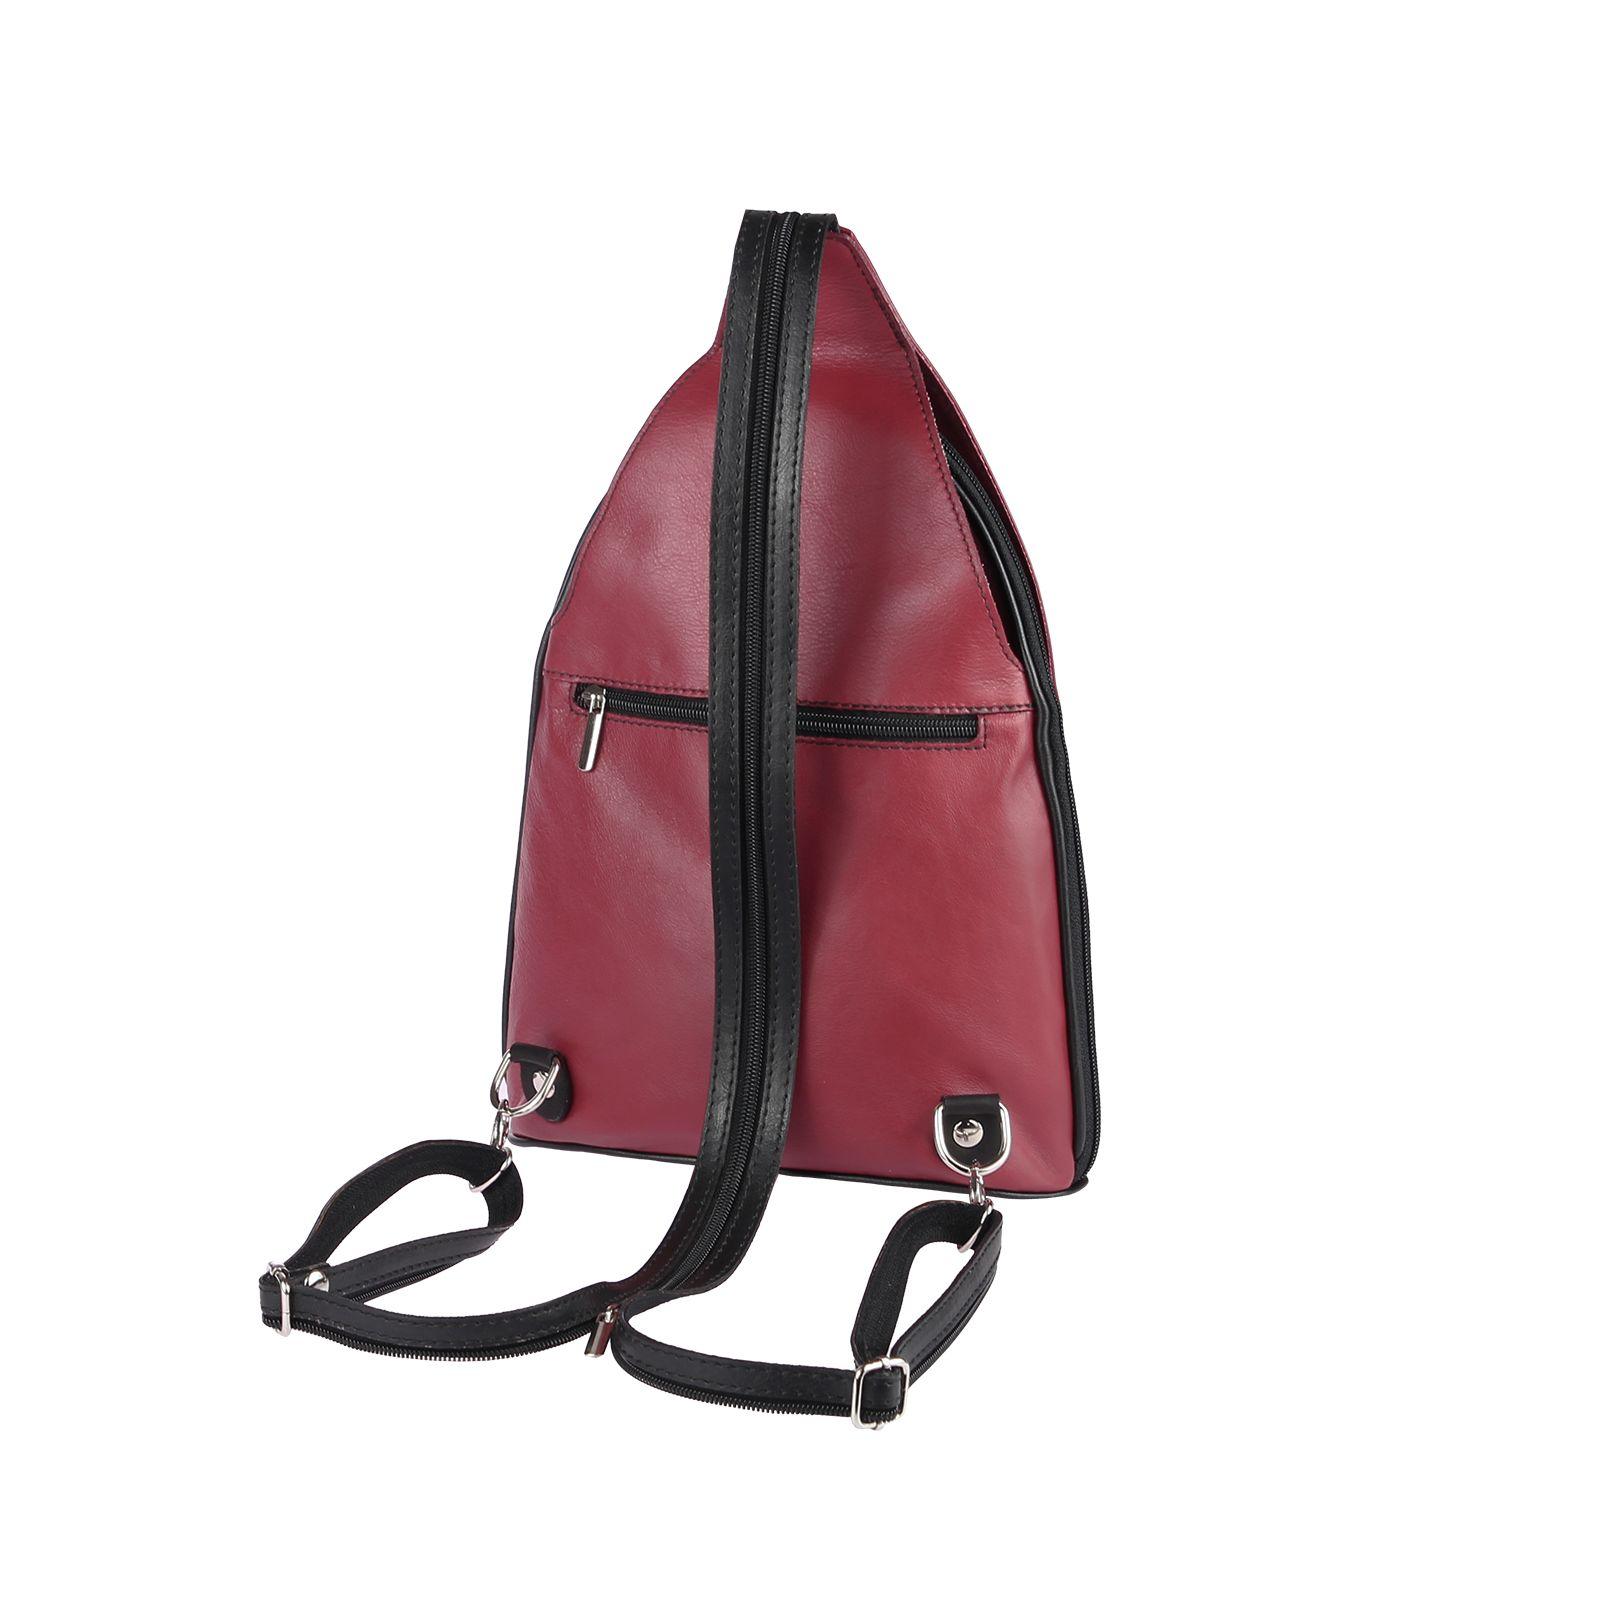 ITALY-DAMEN-LEDER-RUCKSACK-Schulter-Tasche-Reise-BACKPACK-Lederrucksack-it-BAG Indexbild 88